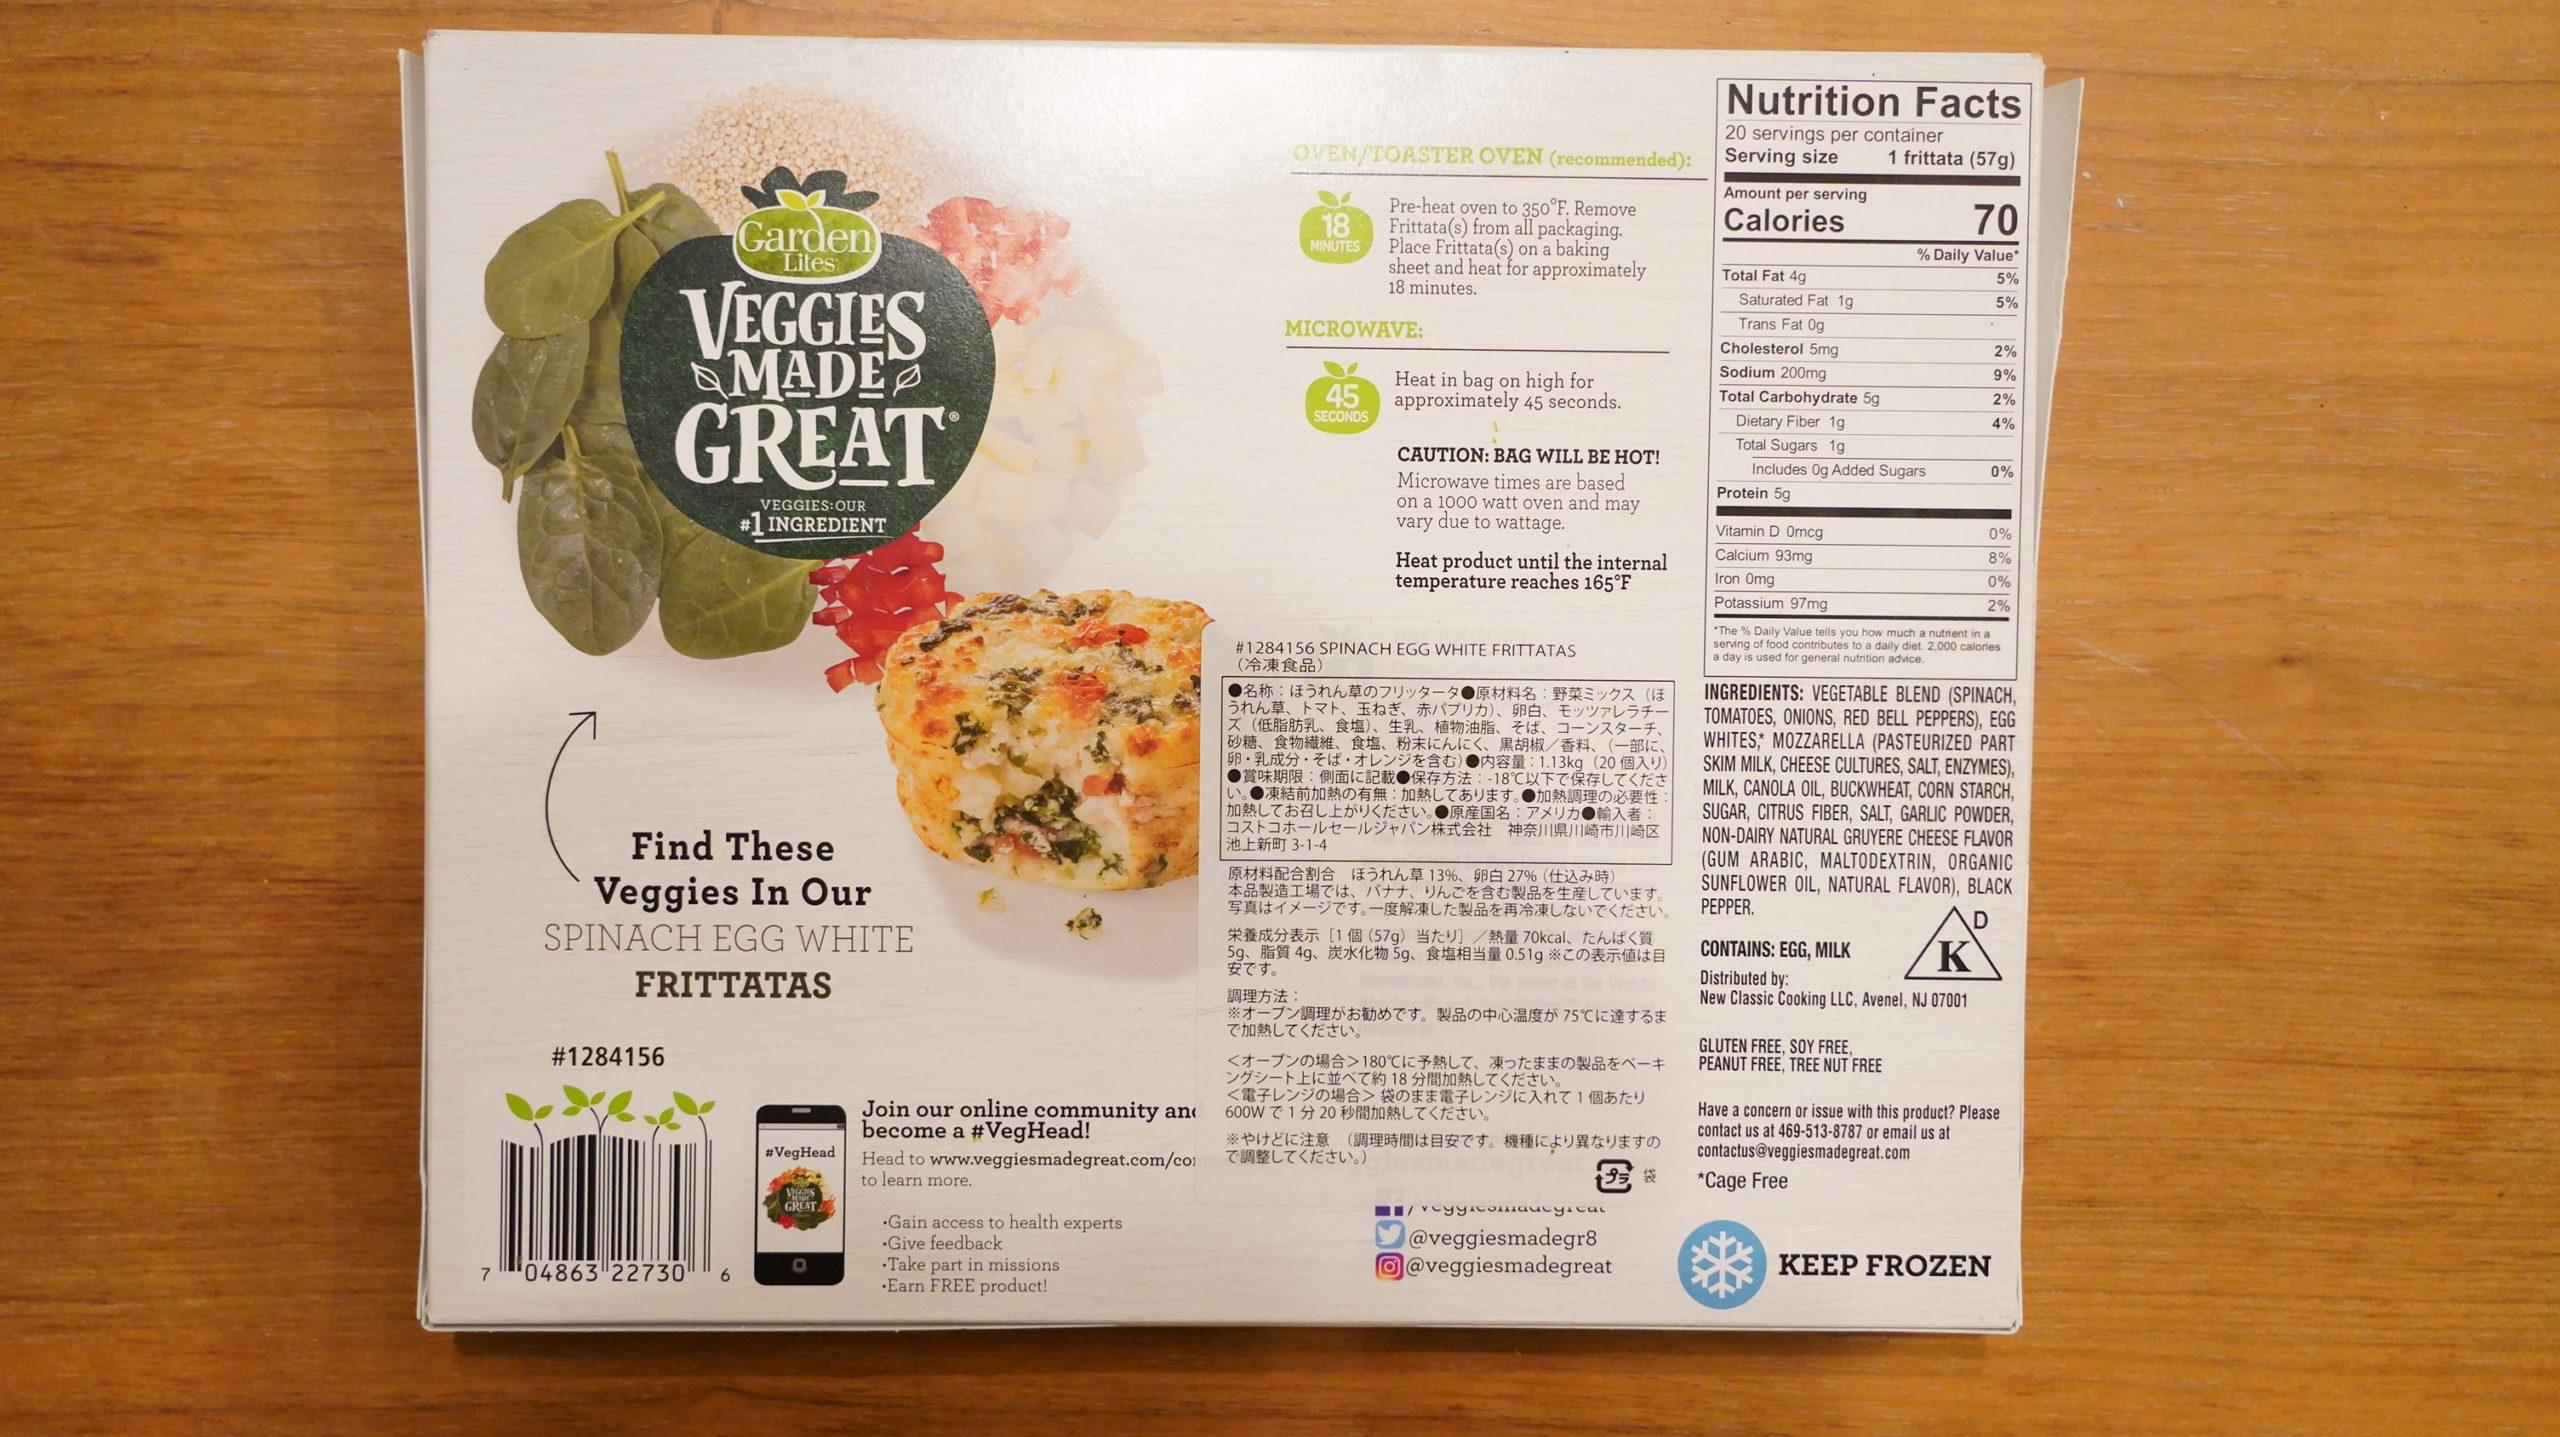 コストコの冷凍食品「ほうれん草のフリッタータ」のパッケージ裏面の写真